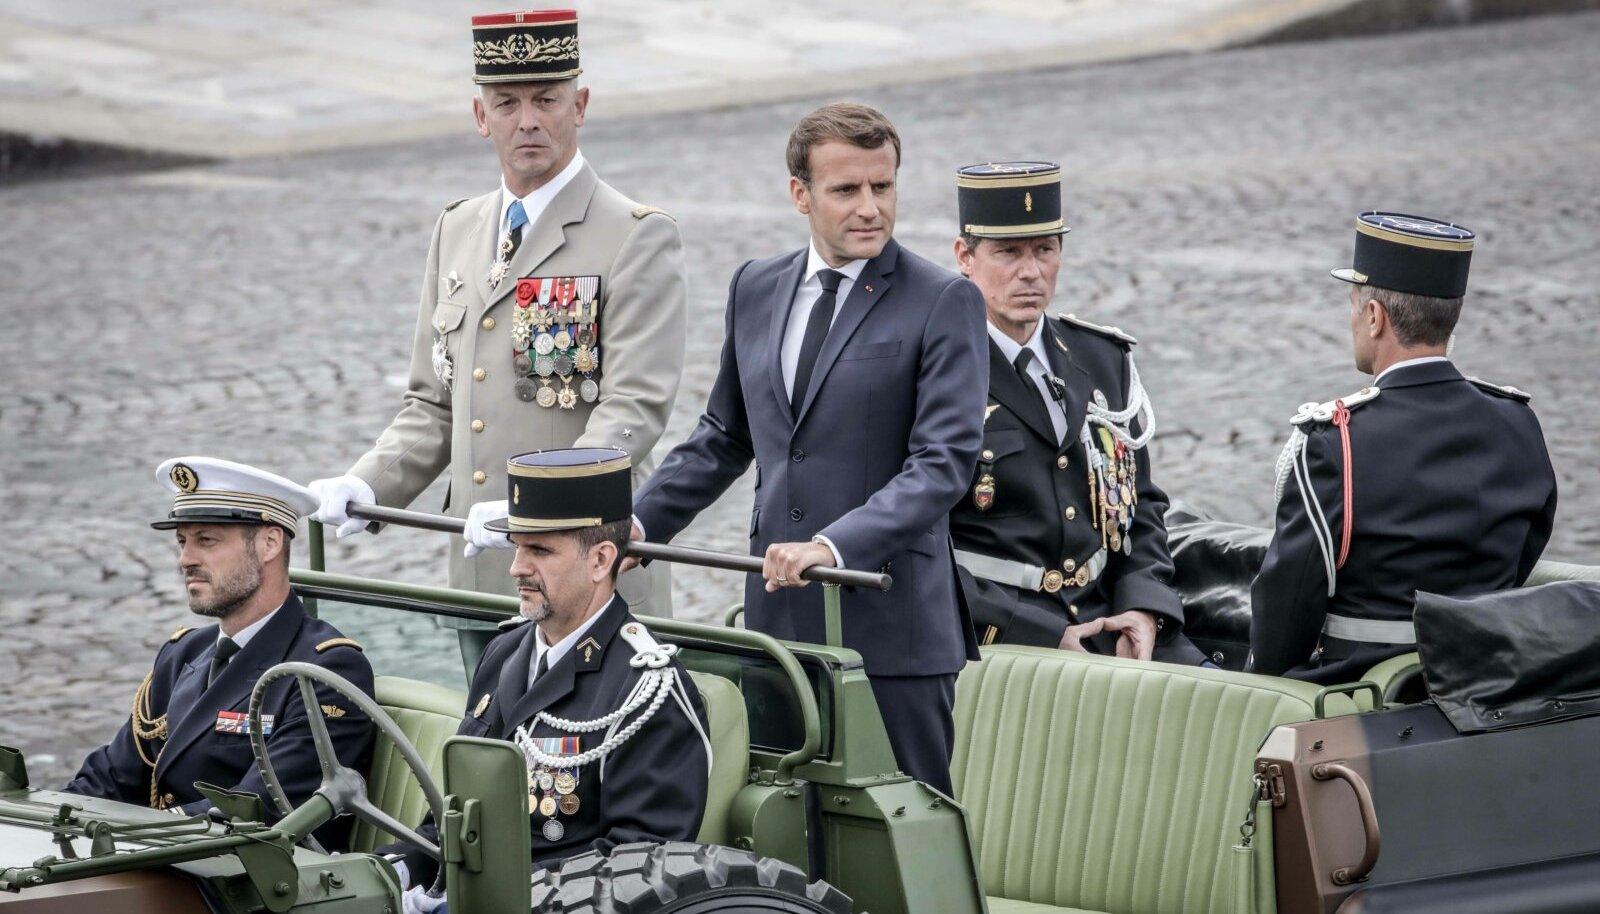 Peastaabi juht François Lecointre (keskel vasakul) ja riigikaitse kõrgeim juht Emmanuel Macron juhatavad mulluse paraadi eesotsas. Presidendilt oodatakse 14. juuliks avaldust armee kohta.